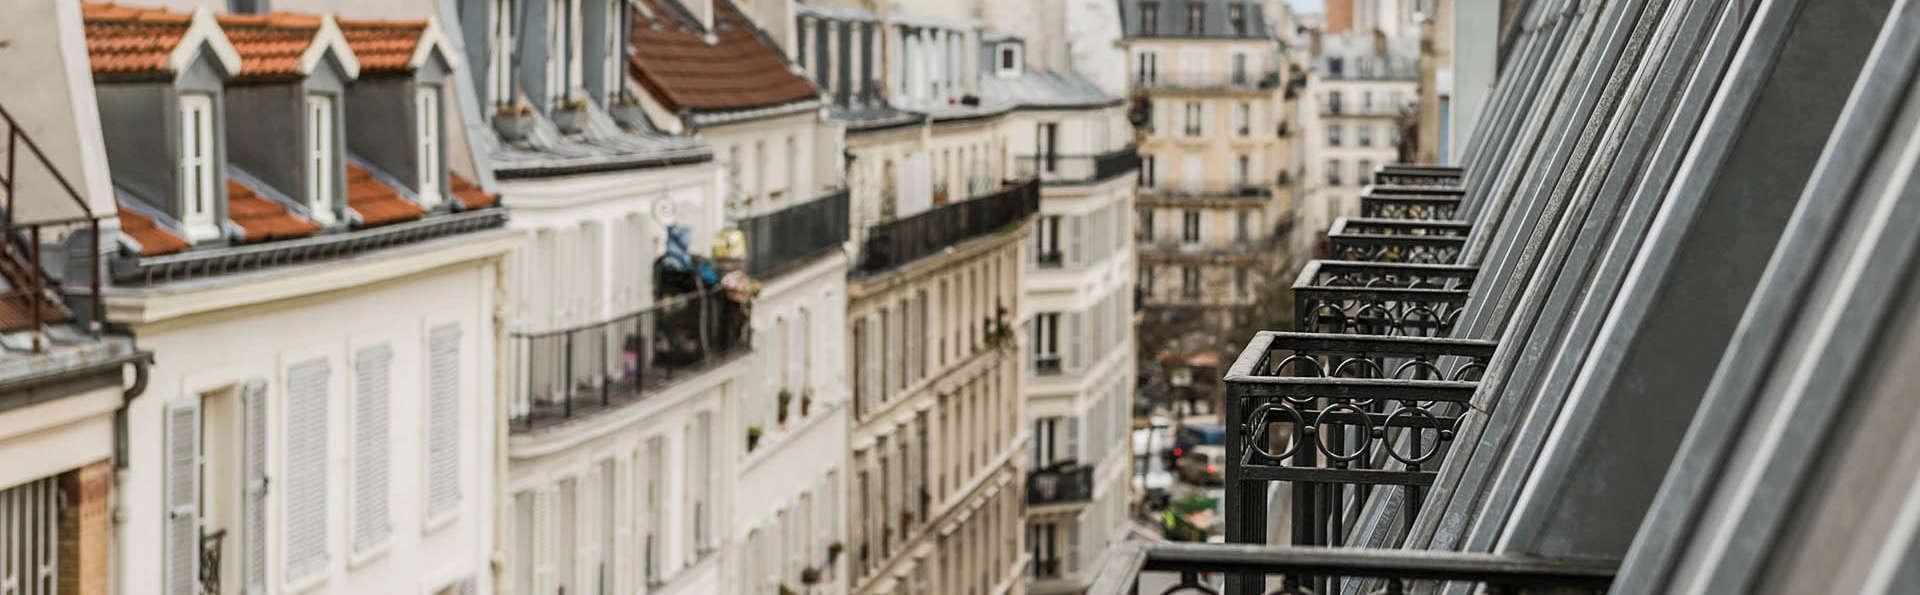 Séjour détente au cœur de Paris